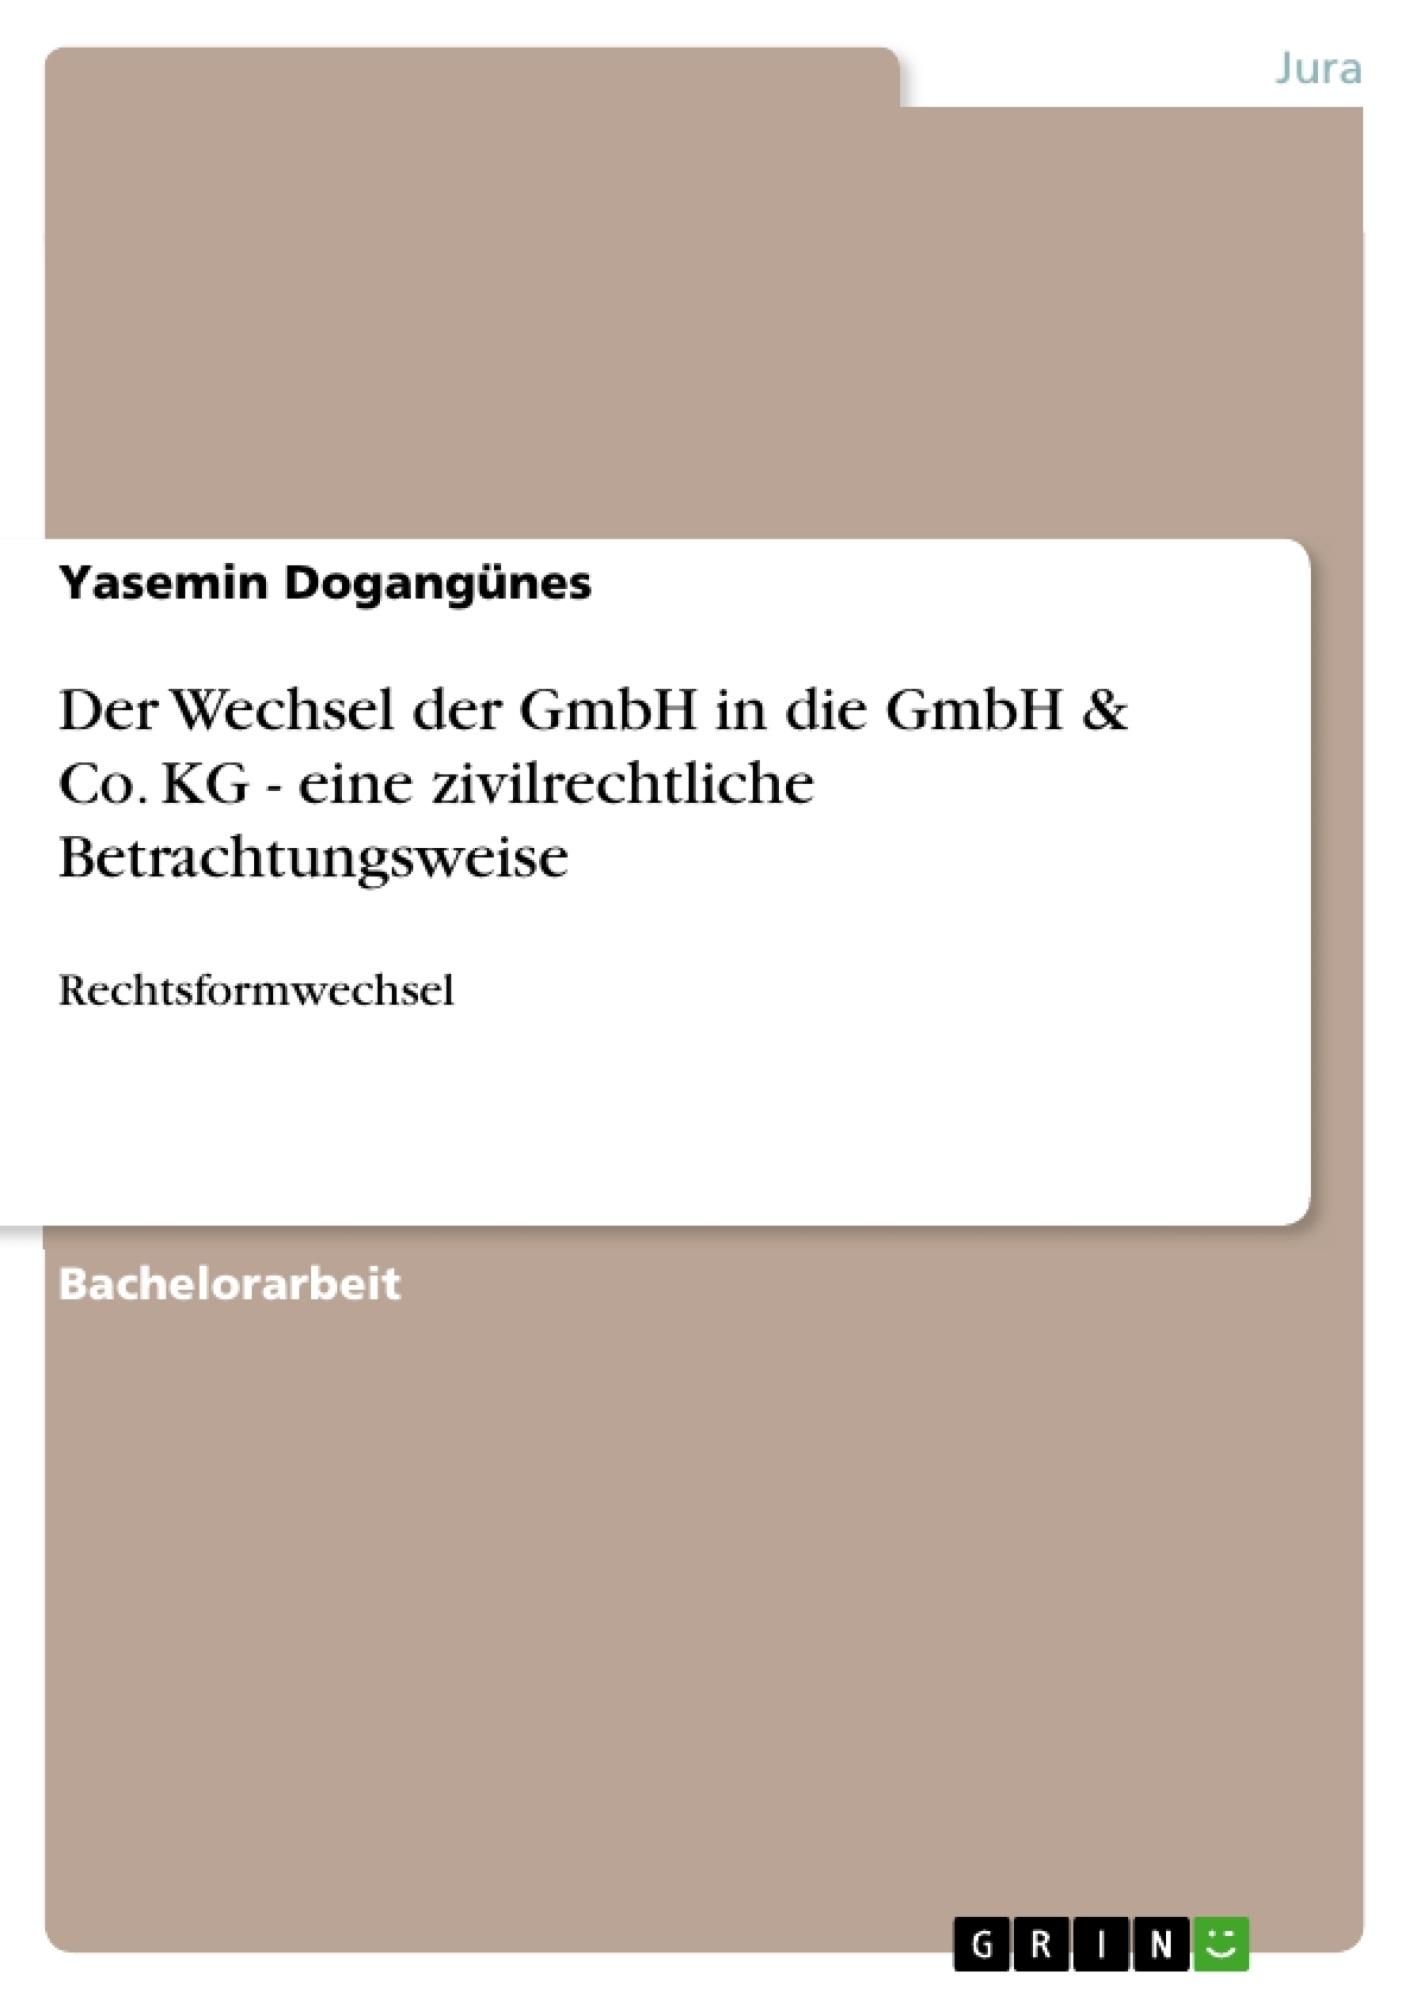 Titel: Der Wechsel der GmbH in die GmbH & Co. KG - eine zivilrechtliche Betrachtungsweise